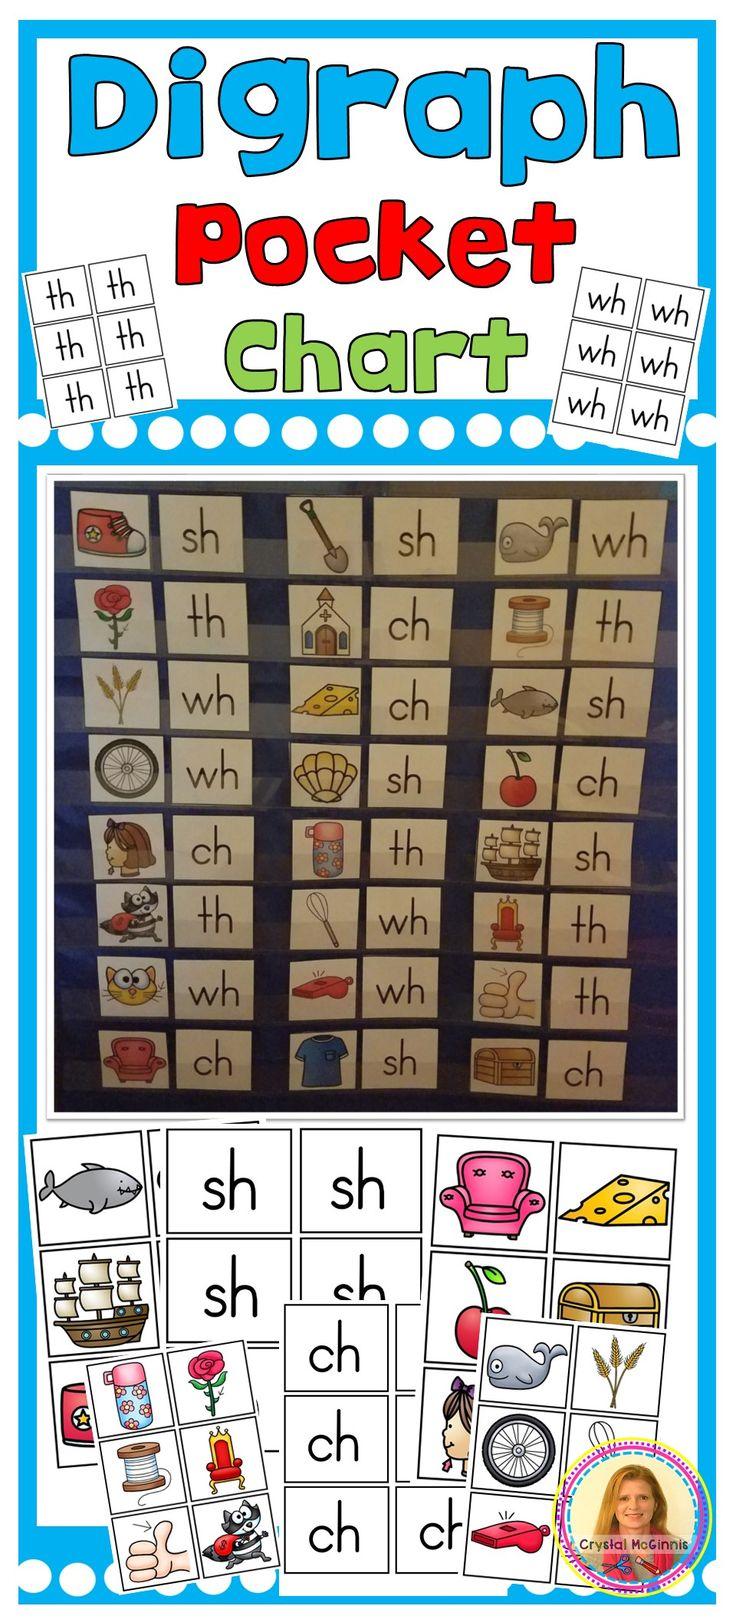 Digraphs Pocket Chart Literacy Center